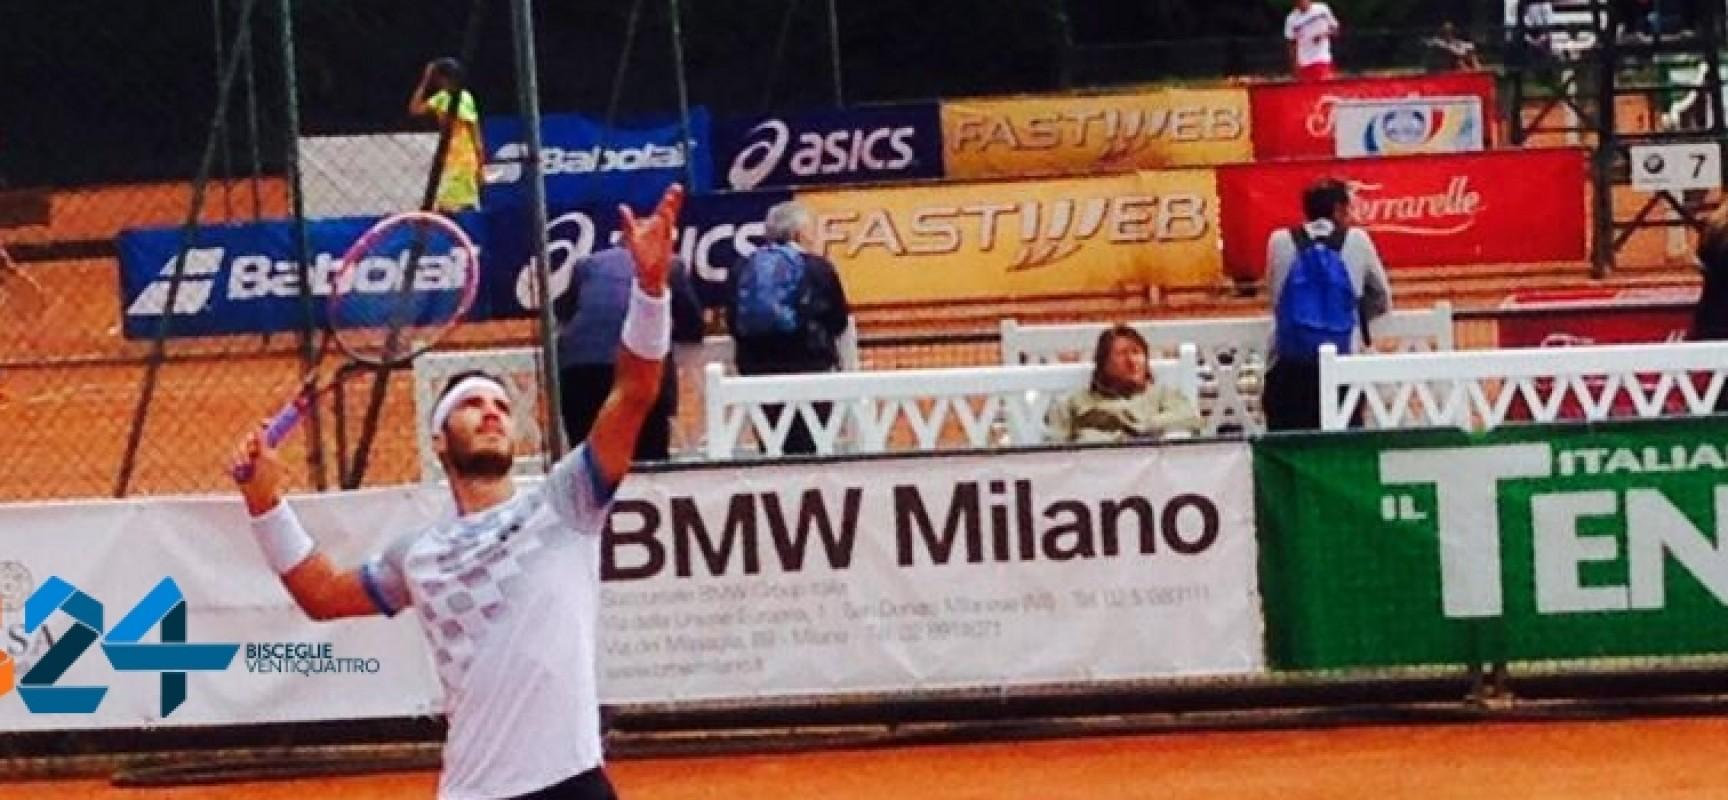 Tennis, Pellegrino ai quarti di finale dell'ITF Raiffeisen Future 2017